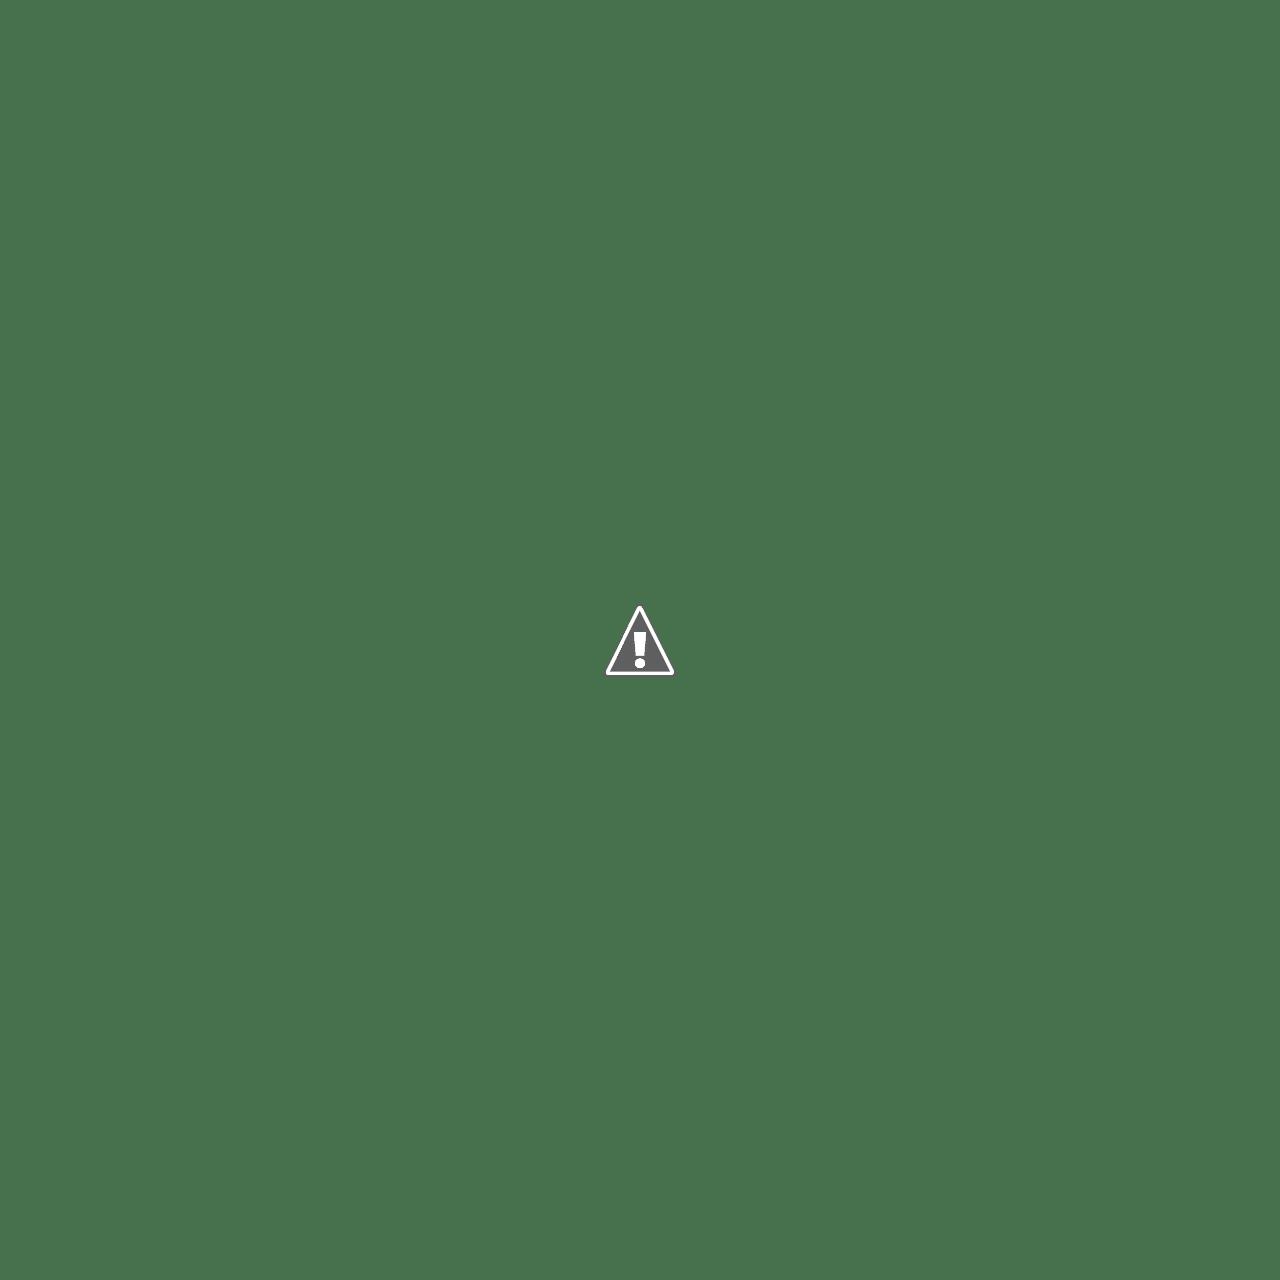 PUNTO CALI REPARACI0N DE SILLAS OFICINA Y MANTENIMIENTO EMPRESAS Y ...